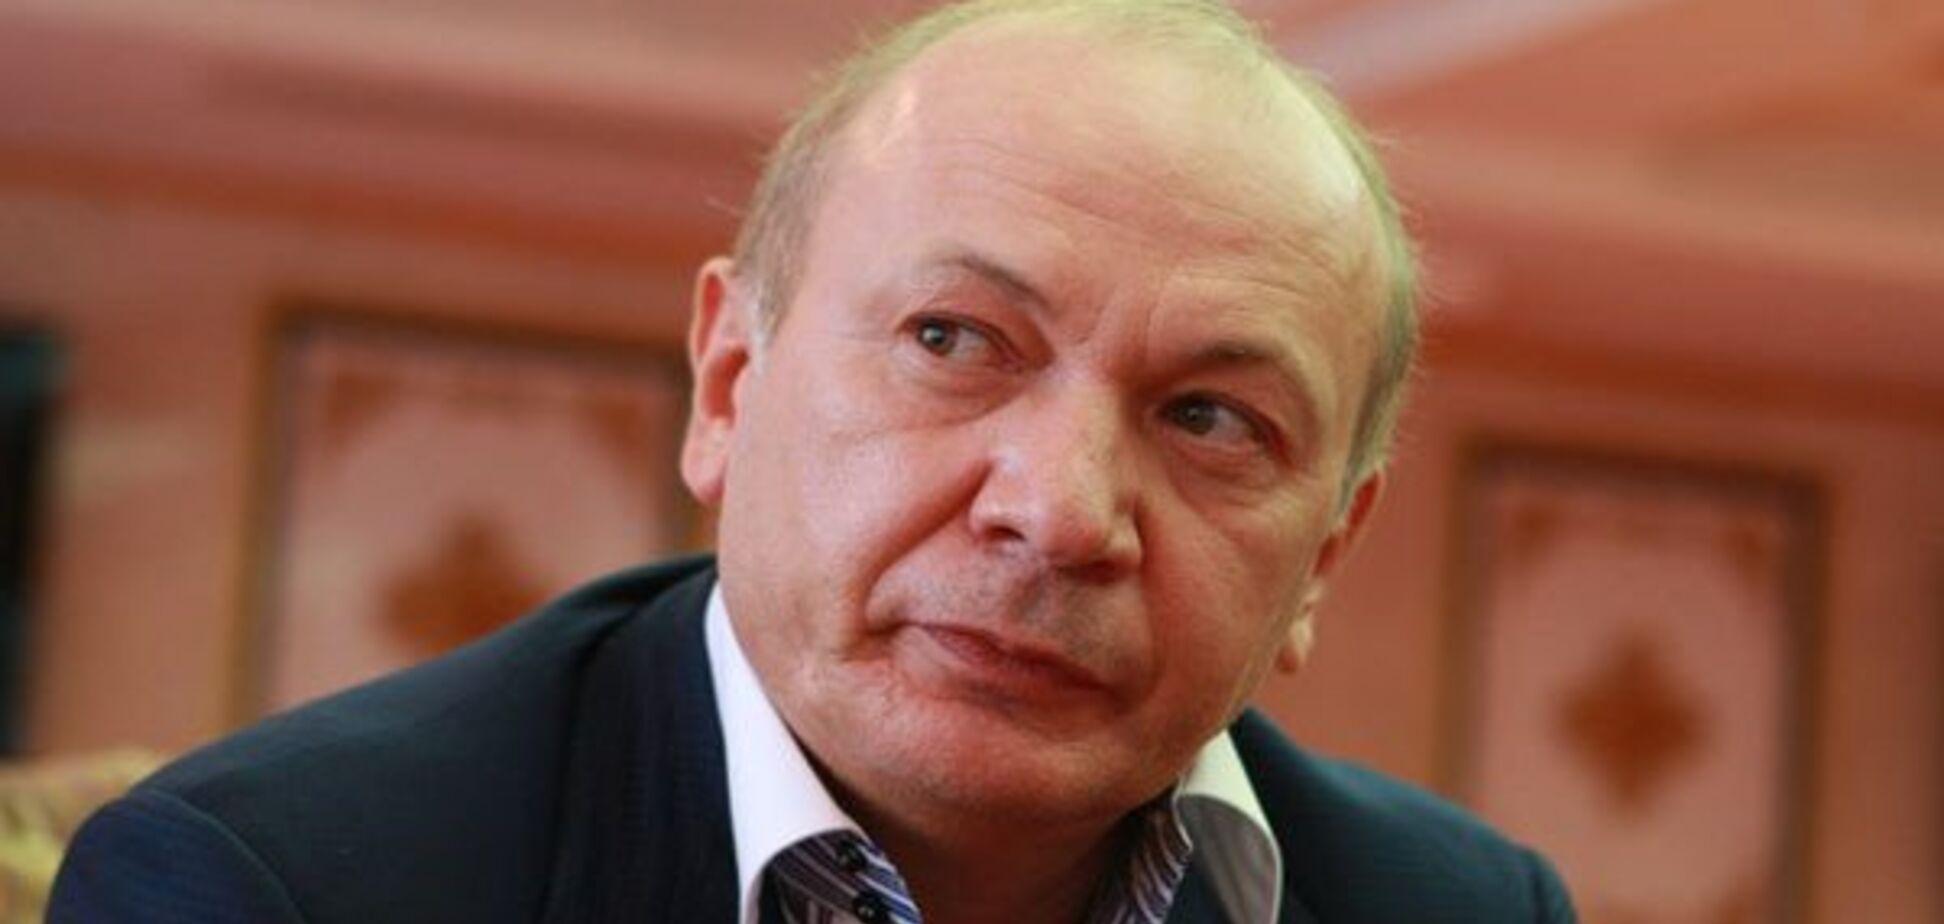 'Відверта маячня': адвокат відреагував на 'фейкньюз' про Іванющенка